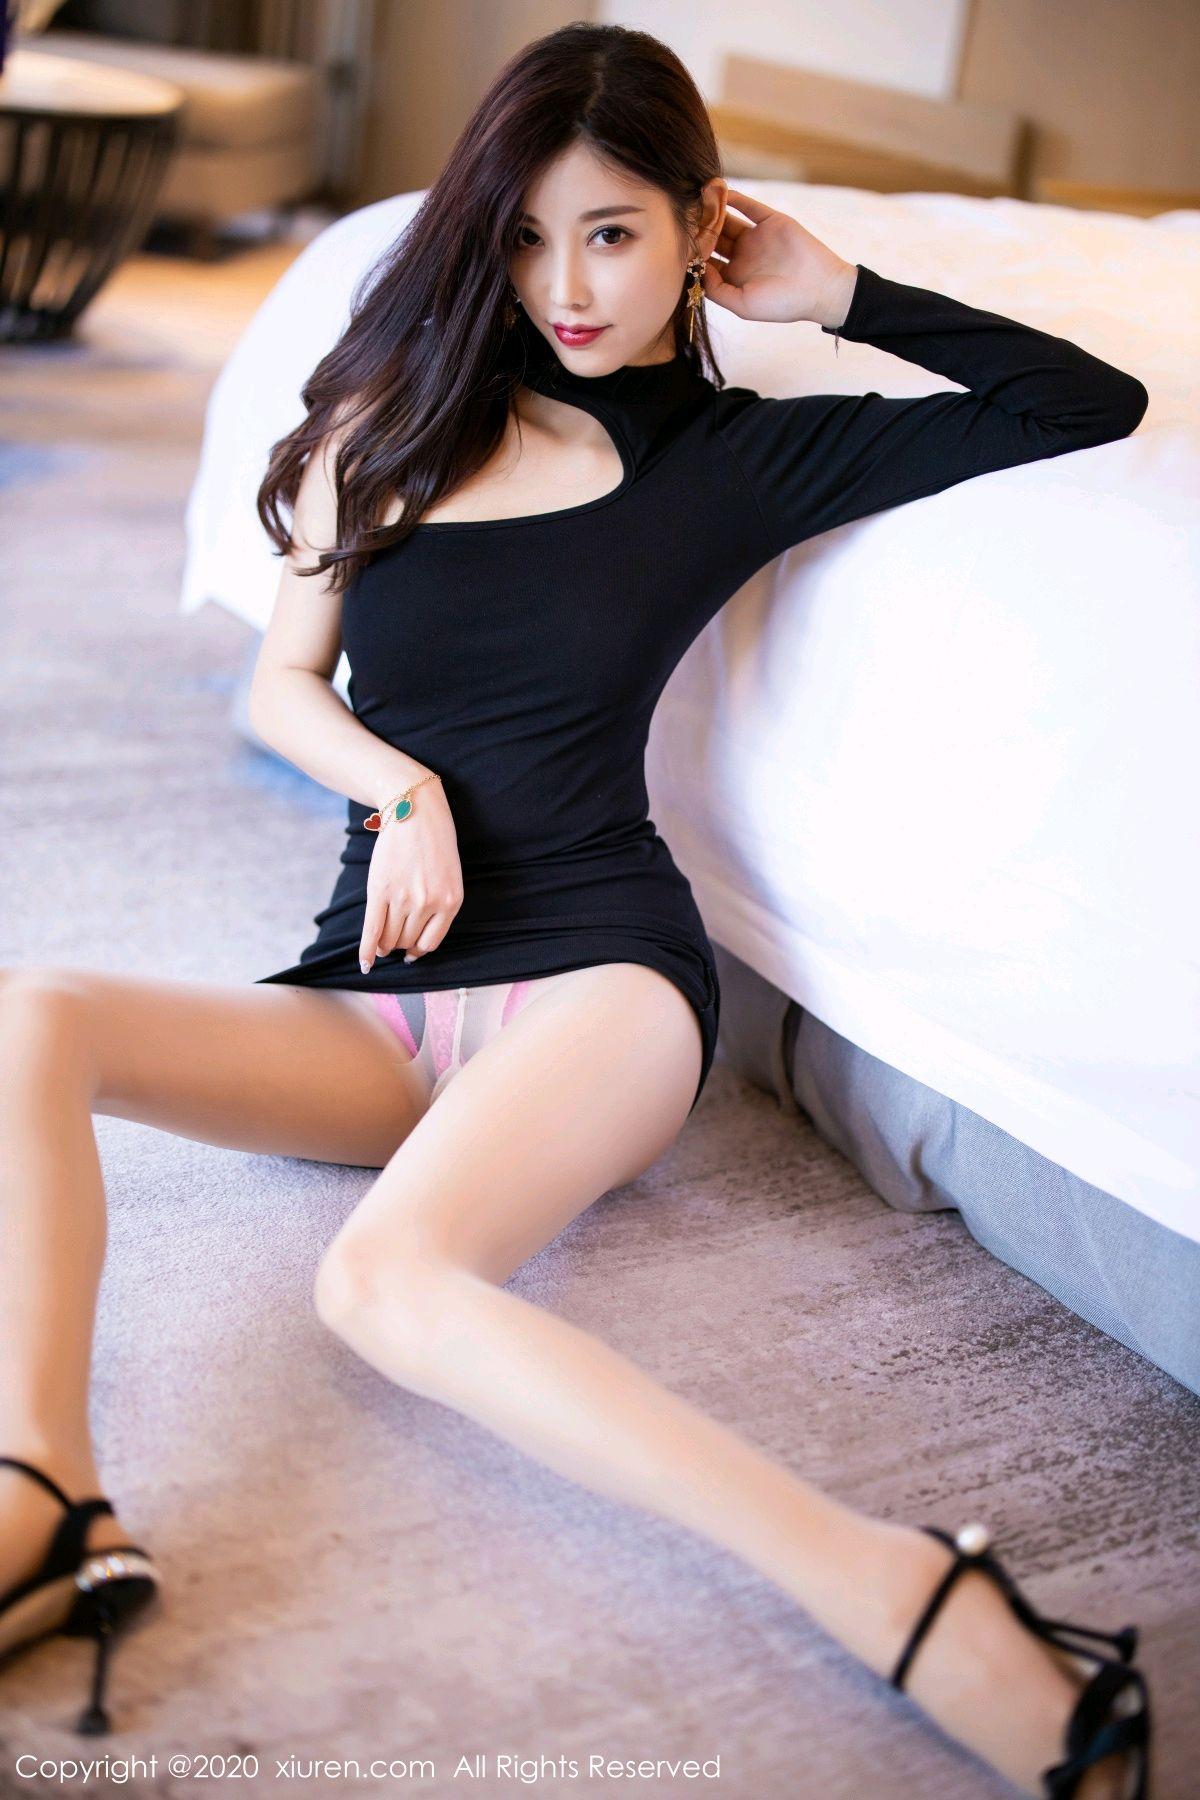 [XiuRen] Vol.2733 Yang Chen Chen 33P, Tall, Xiuren, Yang Chen Chen, 杨晨晨